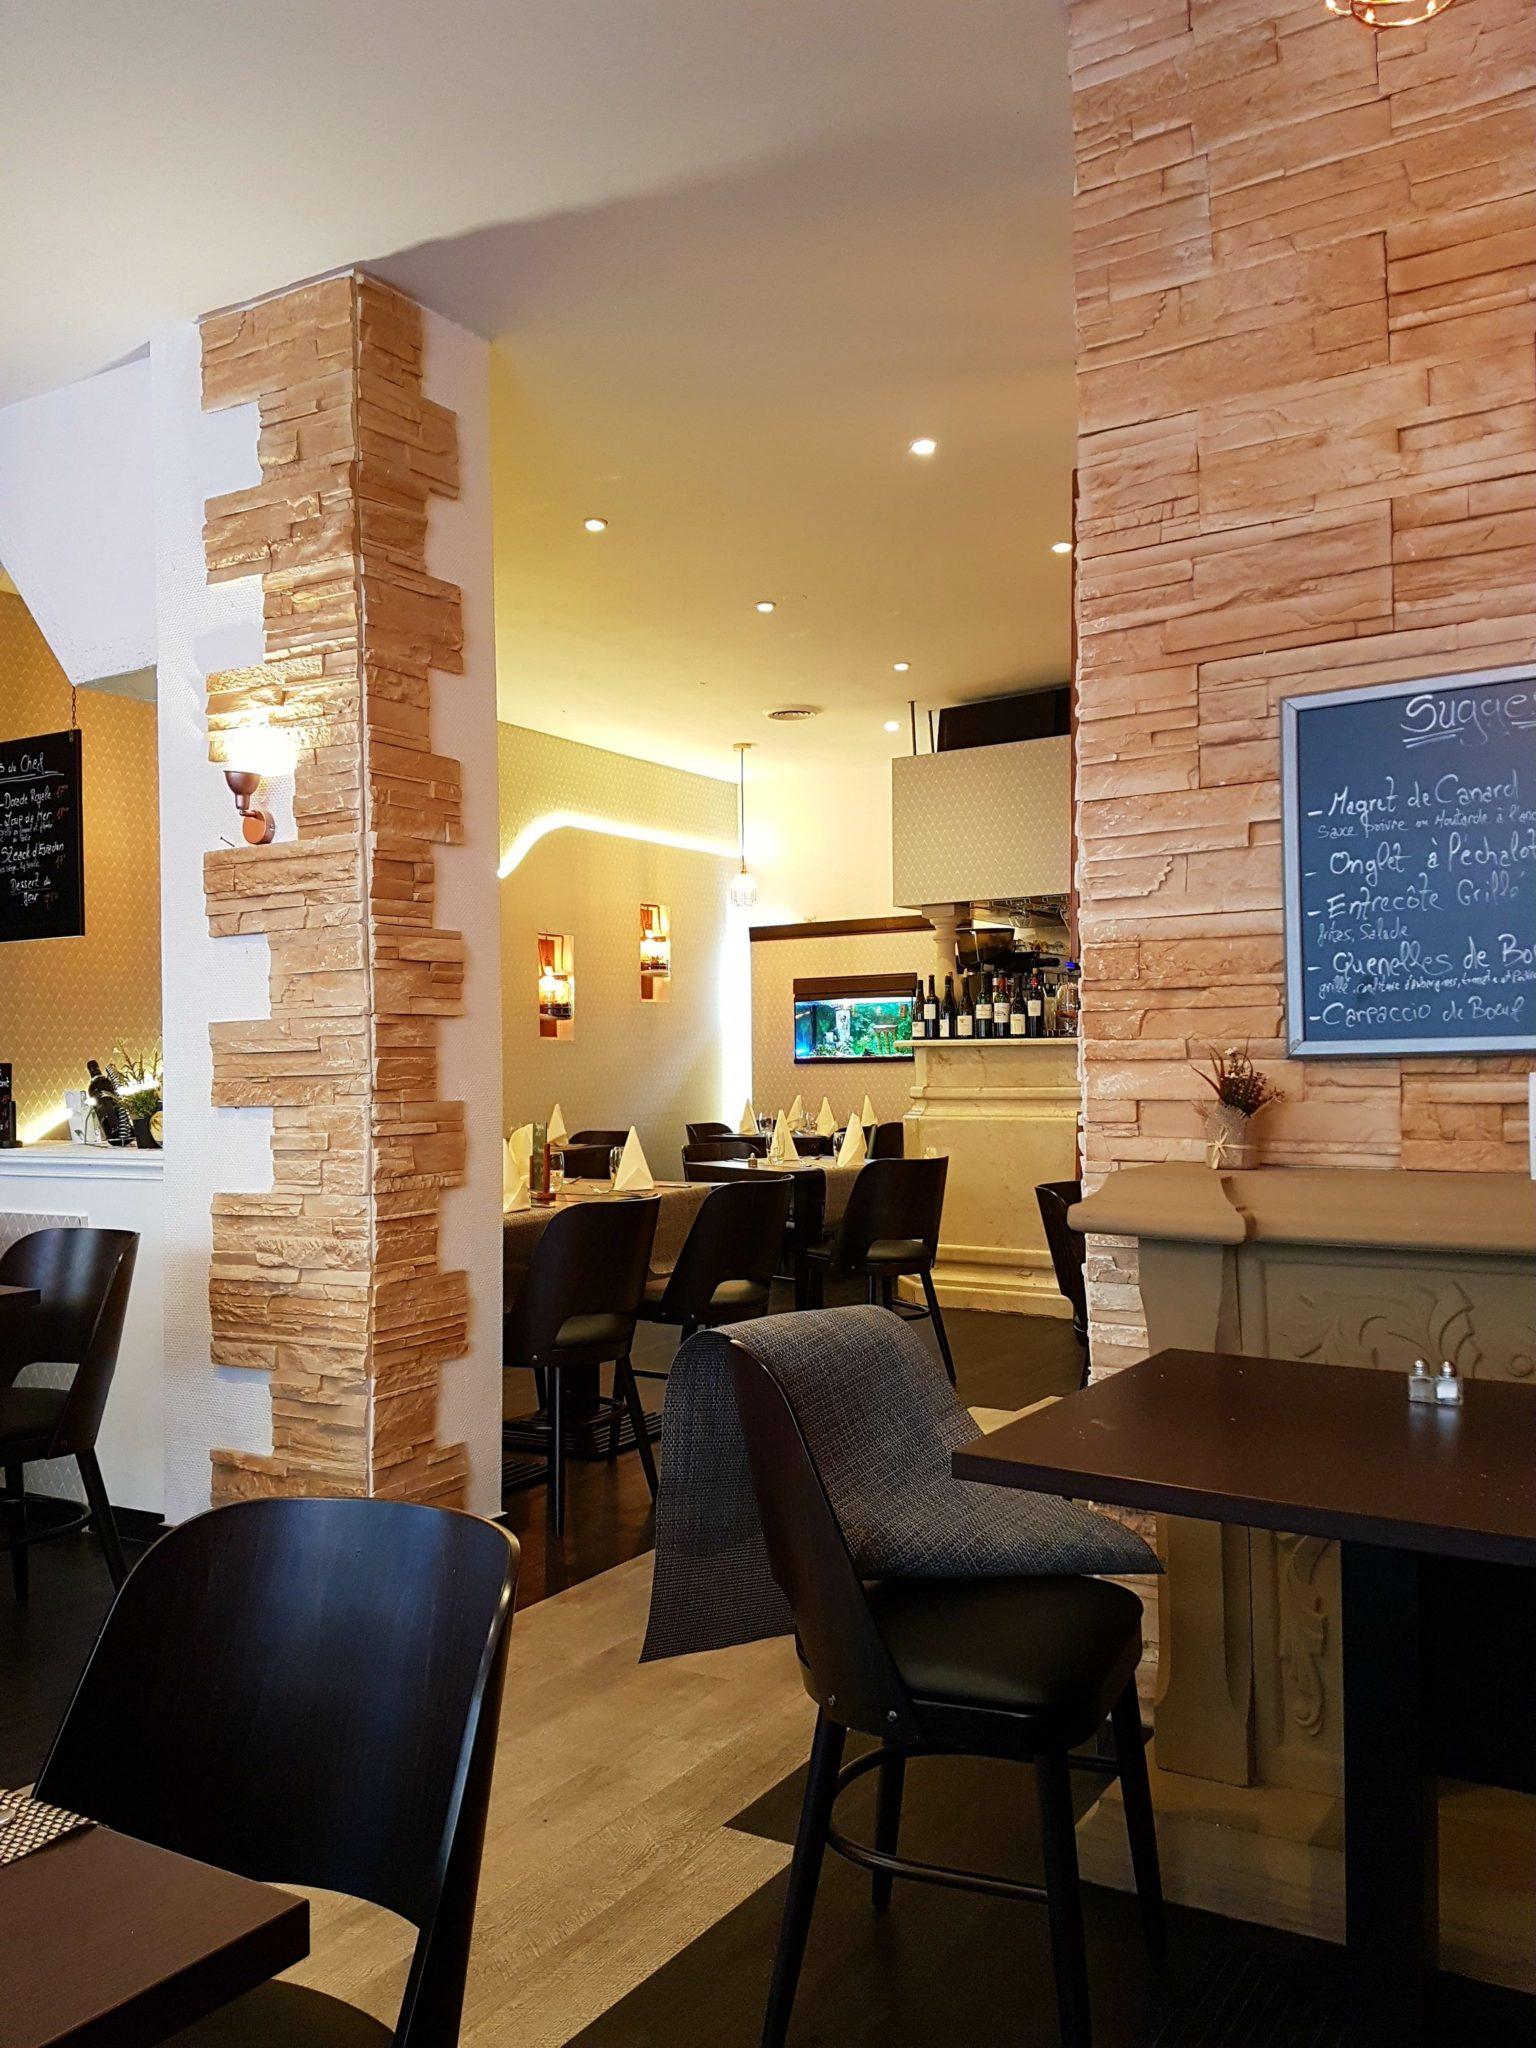 Kapou test n 140 la baie des anges restaurant sauv par - Restaurant corte cauchemar en cuisine ...